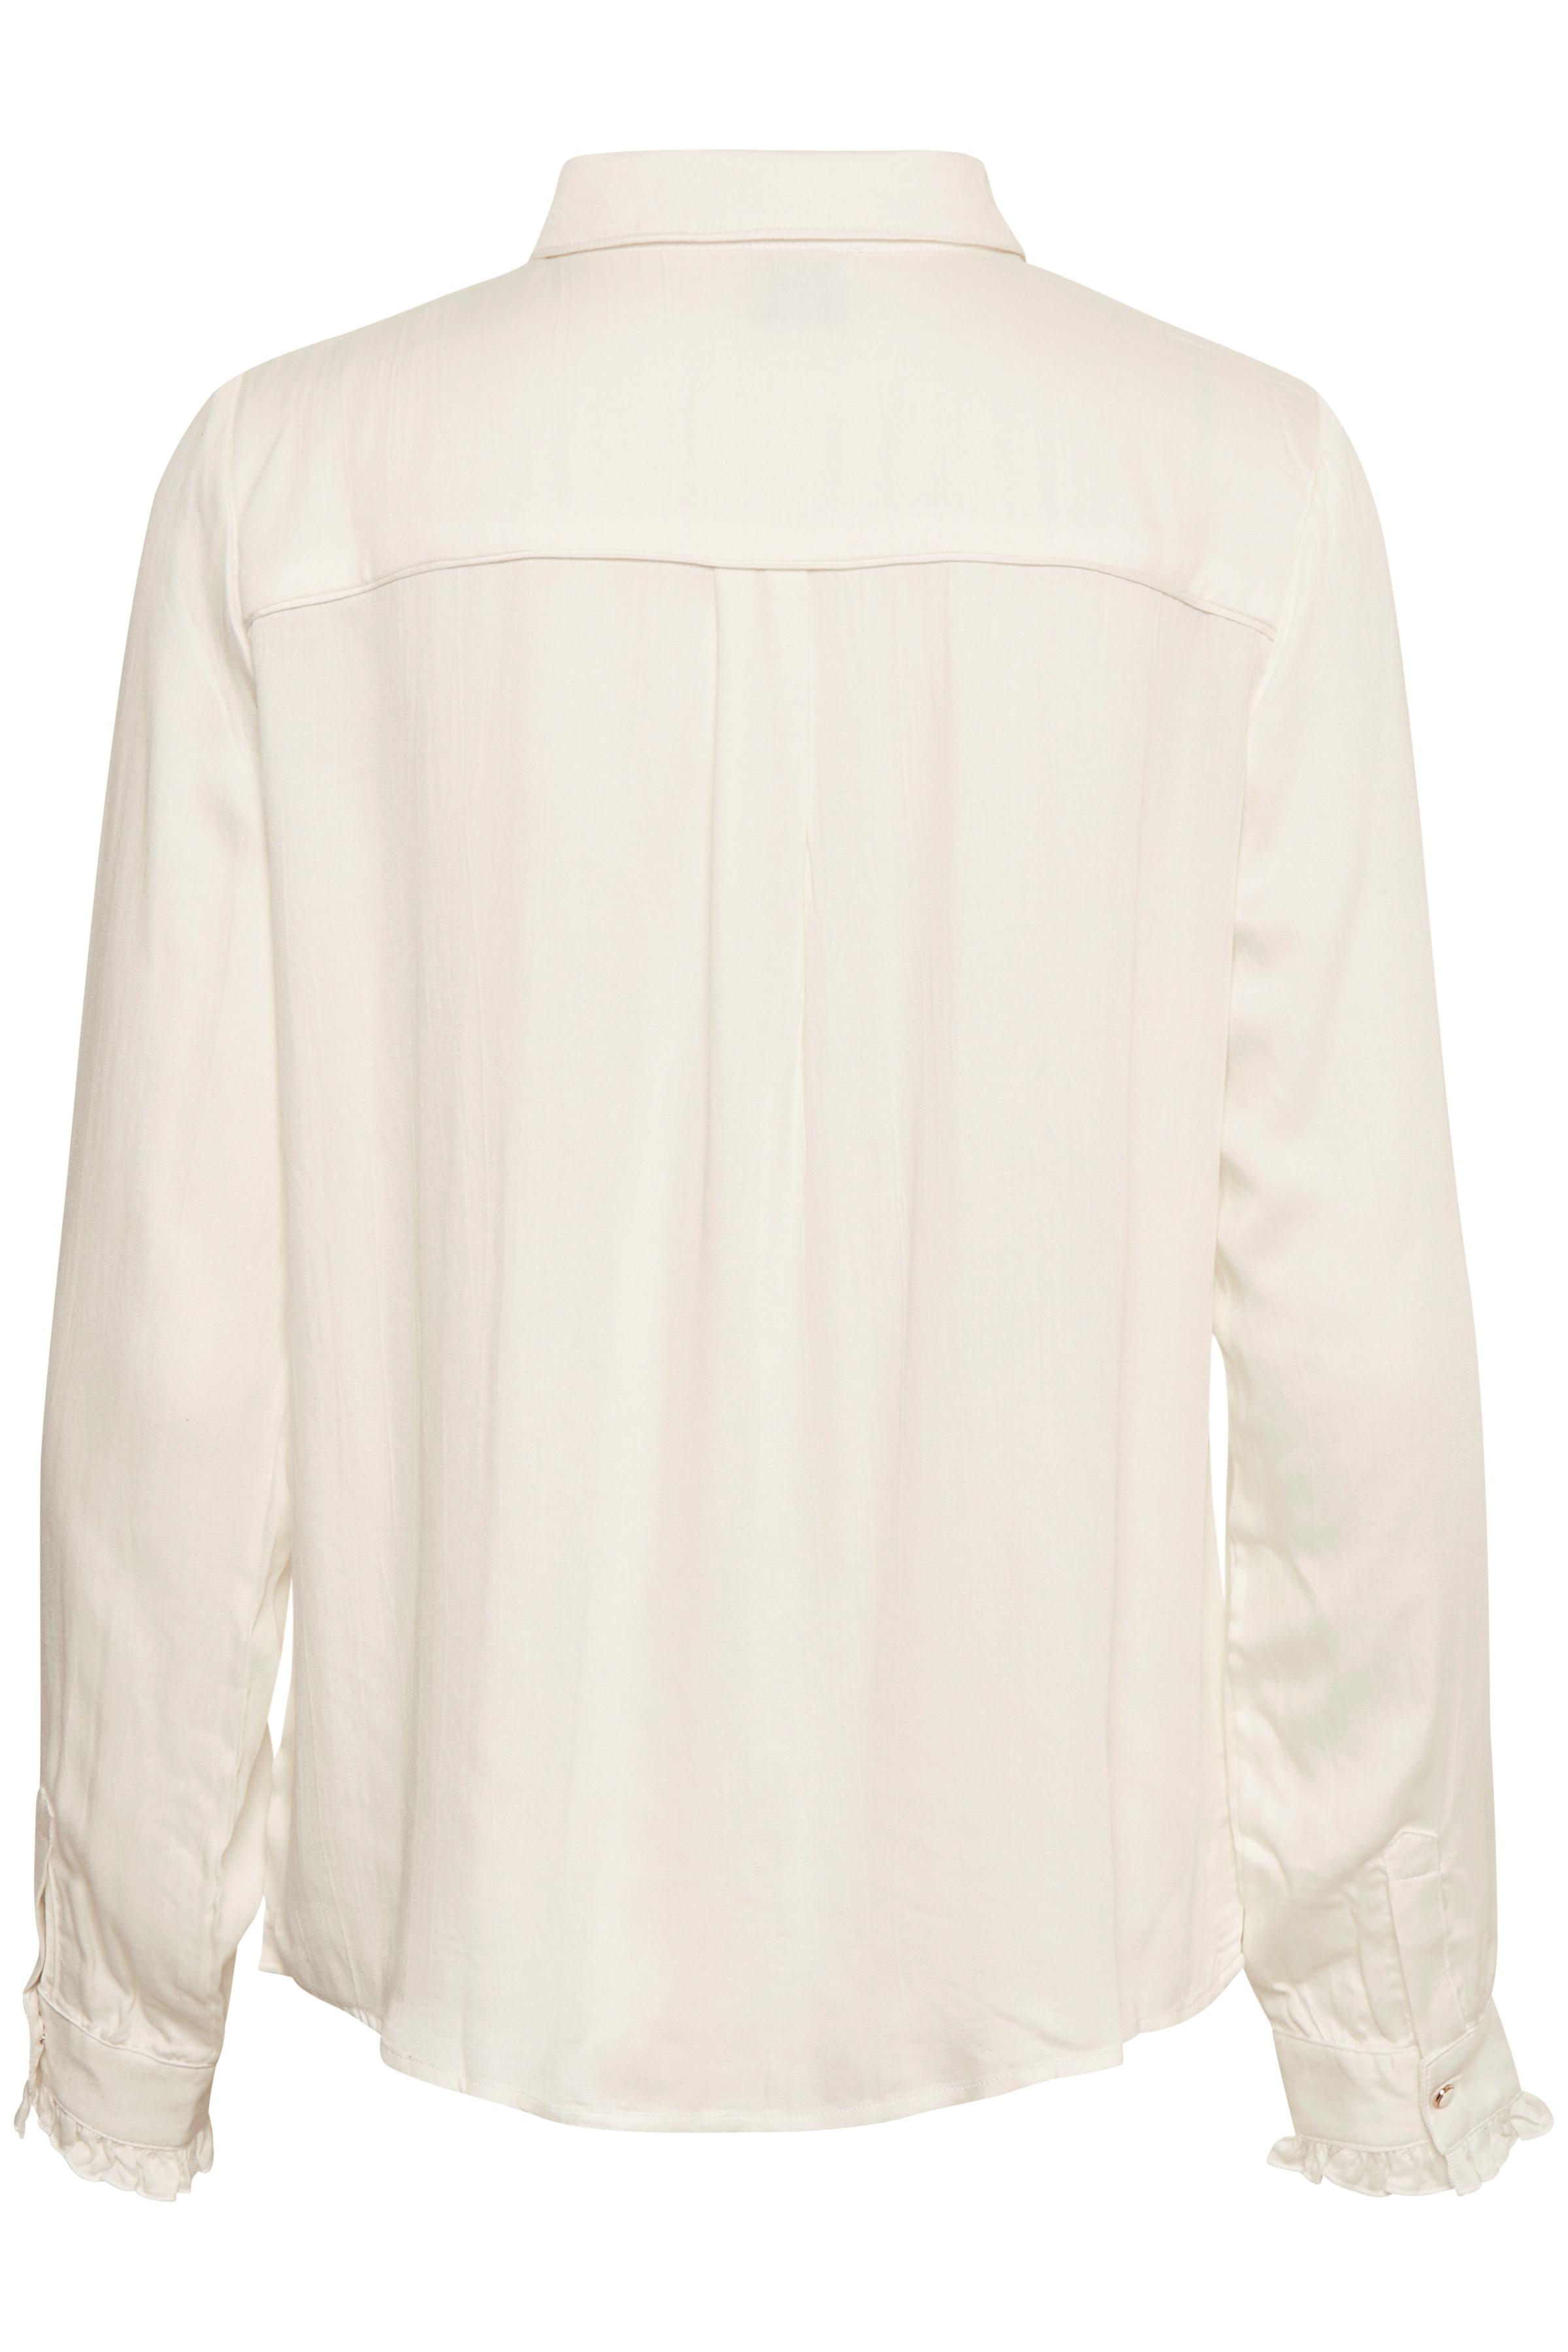 Wollweiß Langarm - Hemd von Culture – Shoppen Sie Wollweiß Langarm - Hemd ab Gr. XS-XXL hier